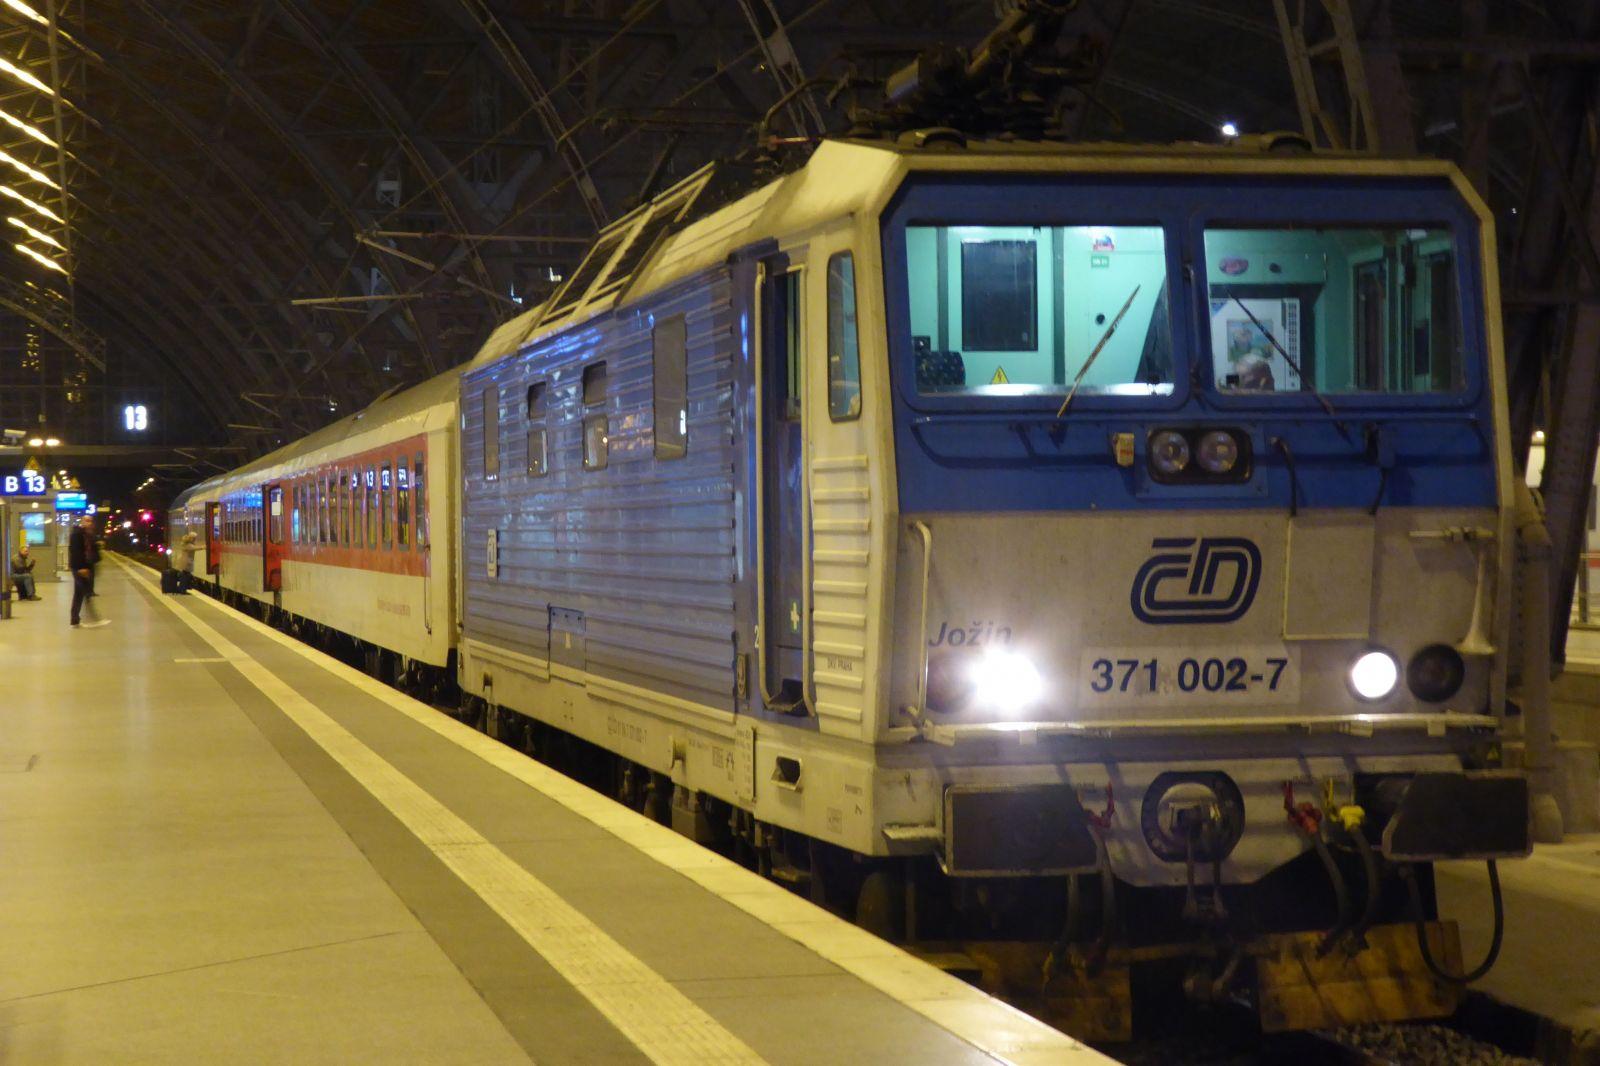 České dráhy možná omezí data ve vlacích. Cestující je využívají víc, než se předpokládalo